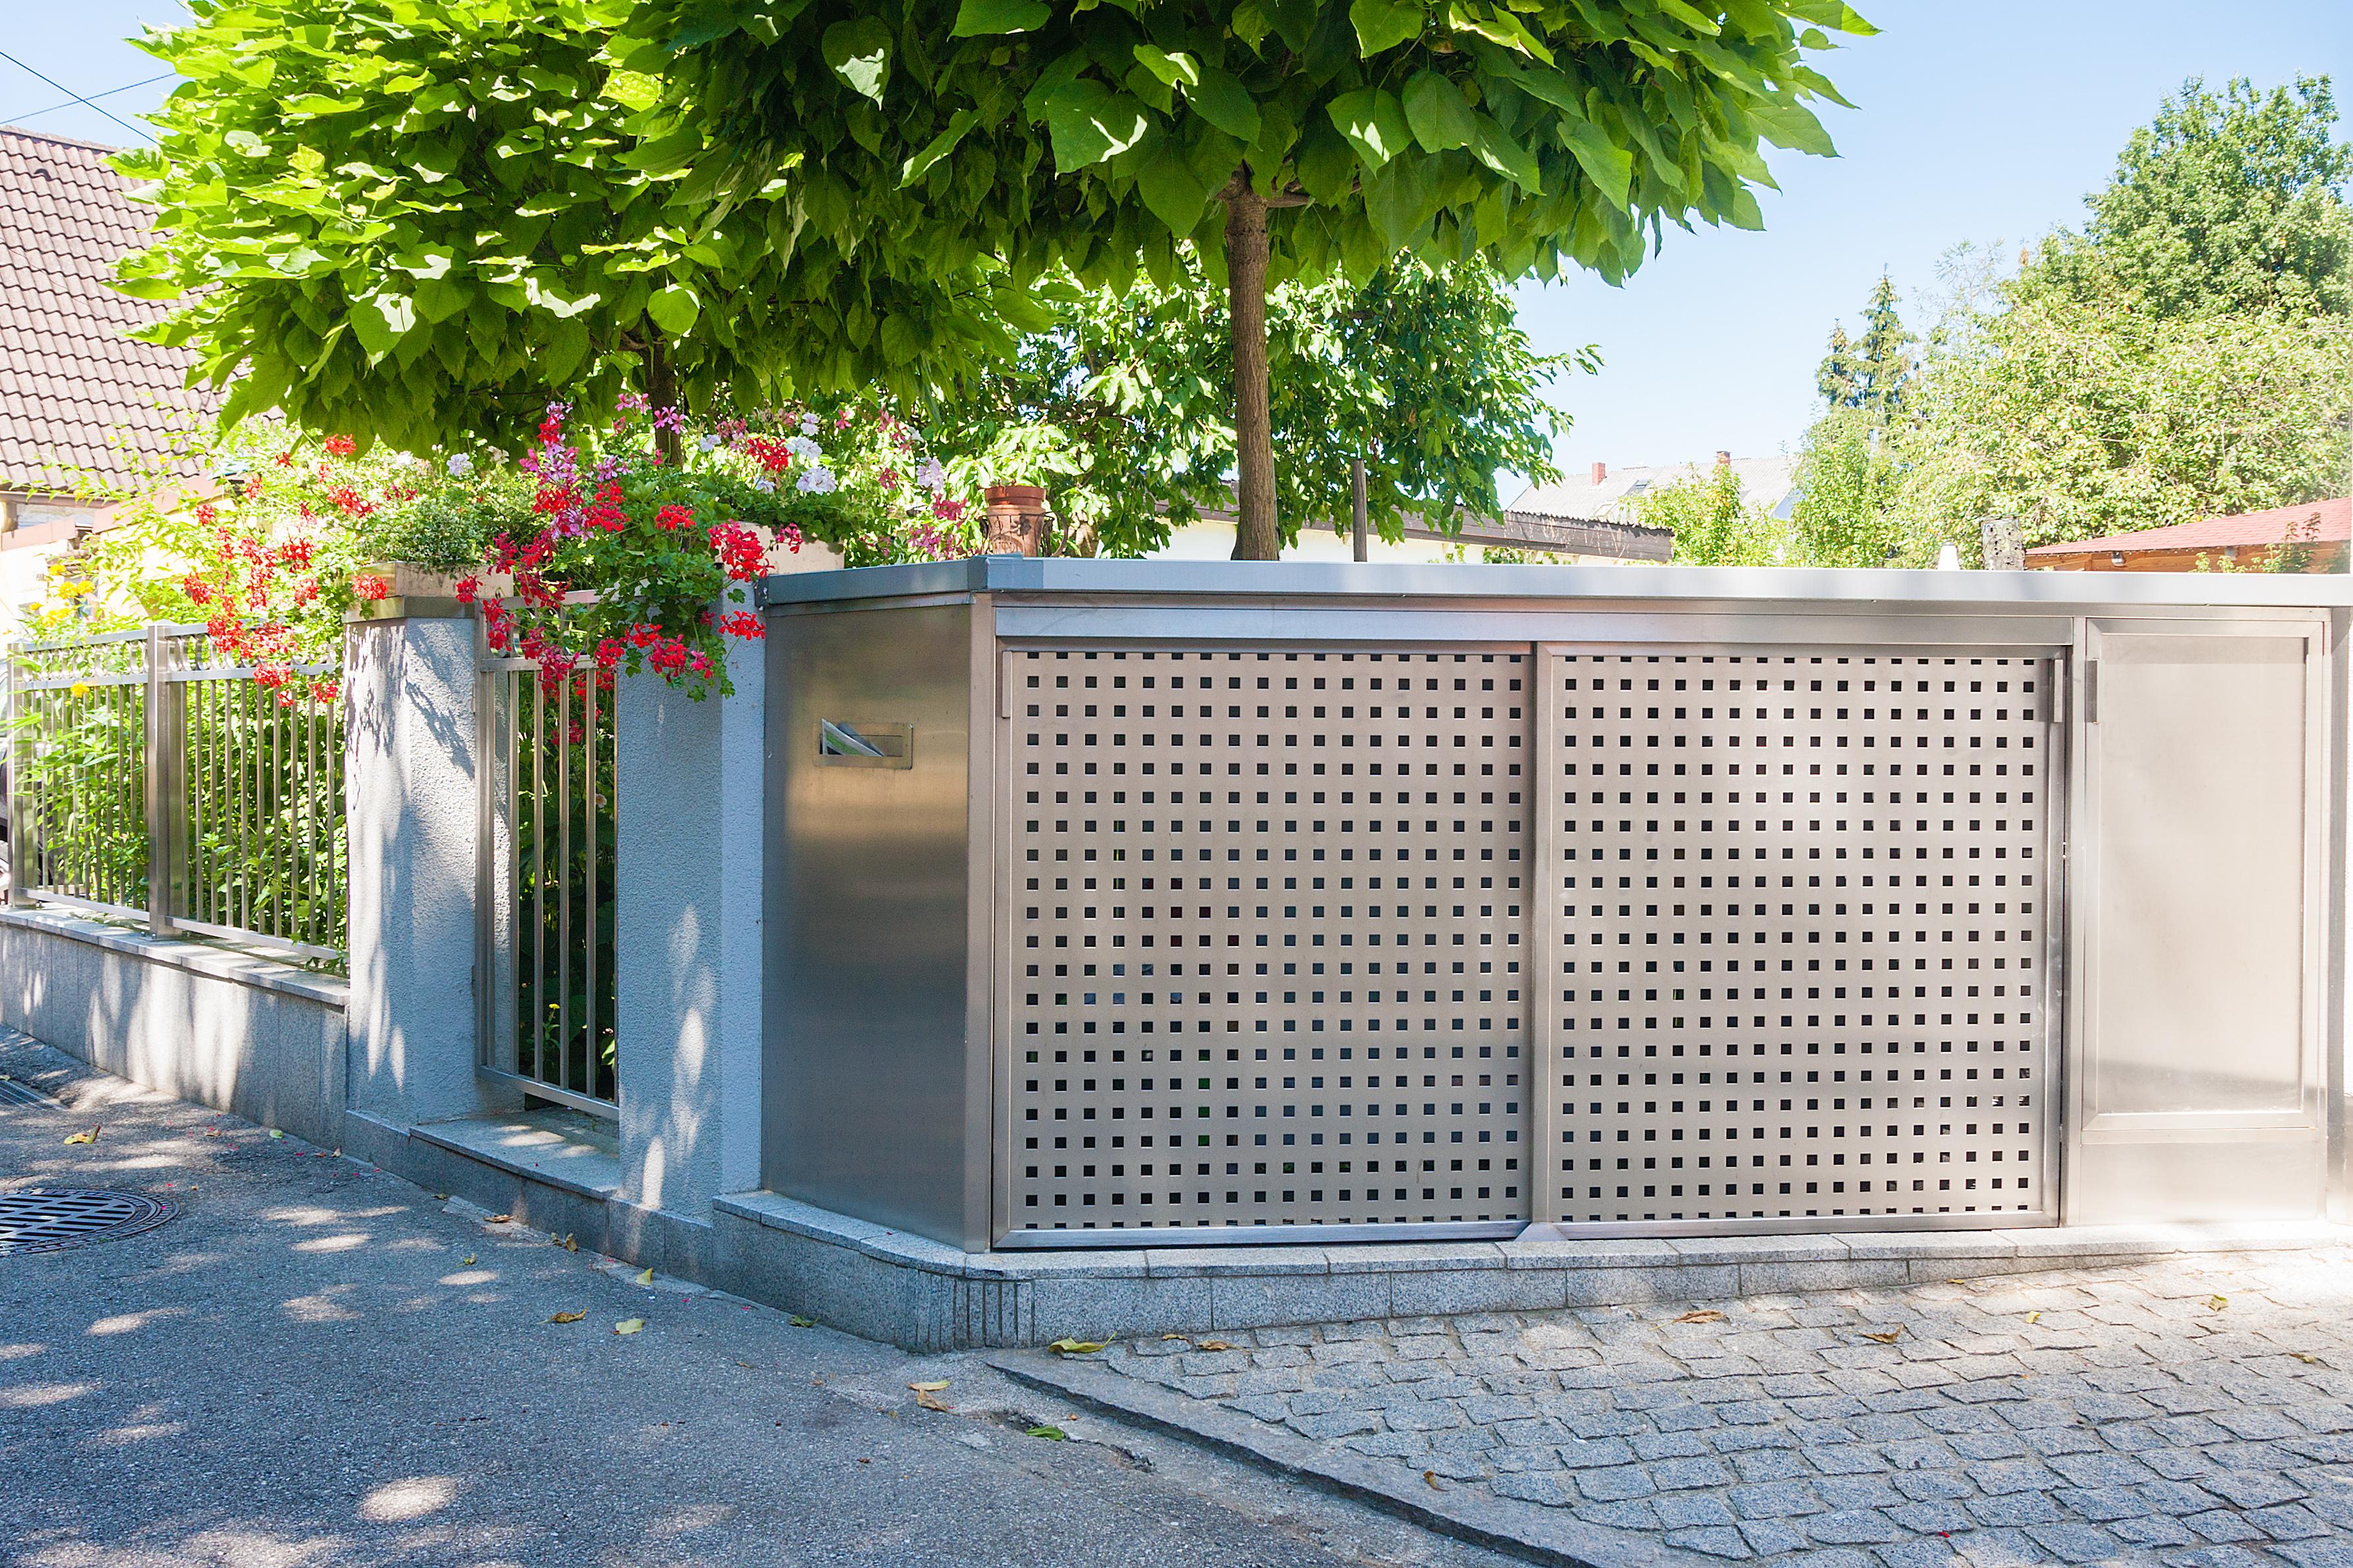 Geländer / Mülleinhausung